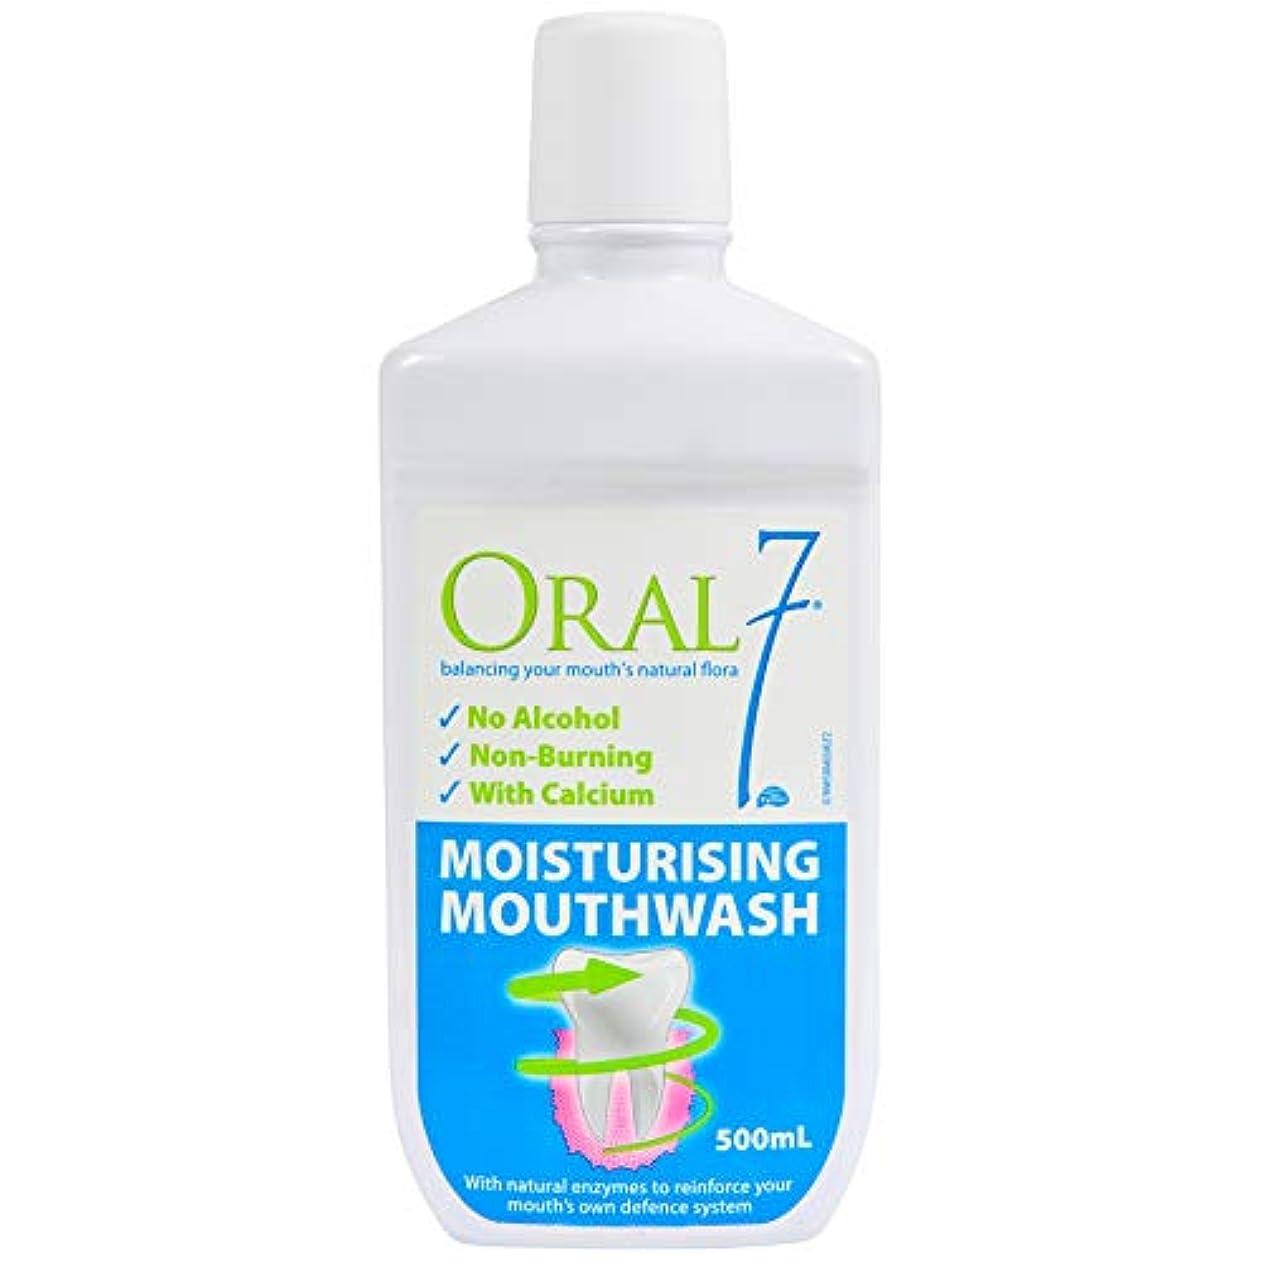 オートディレクター十分なオーラル7 モイスチャライジングマウスウォッシュ 500ml 4種の天然酵素配合!口腔内保湿マウスウォッシュ お口の乾燥対策に